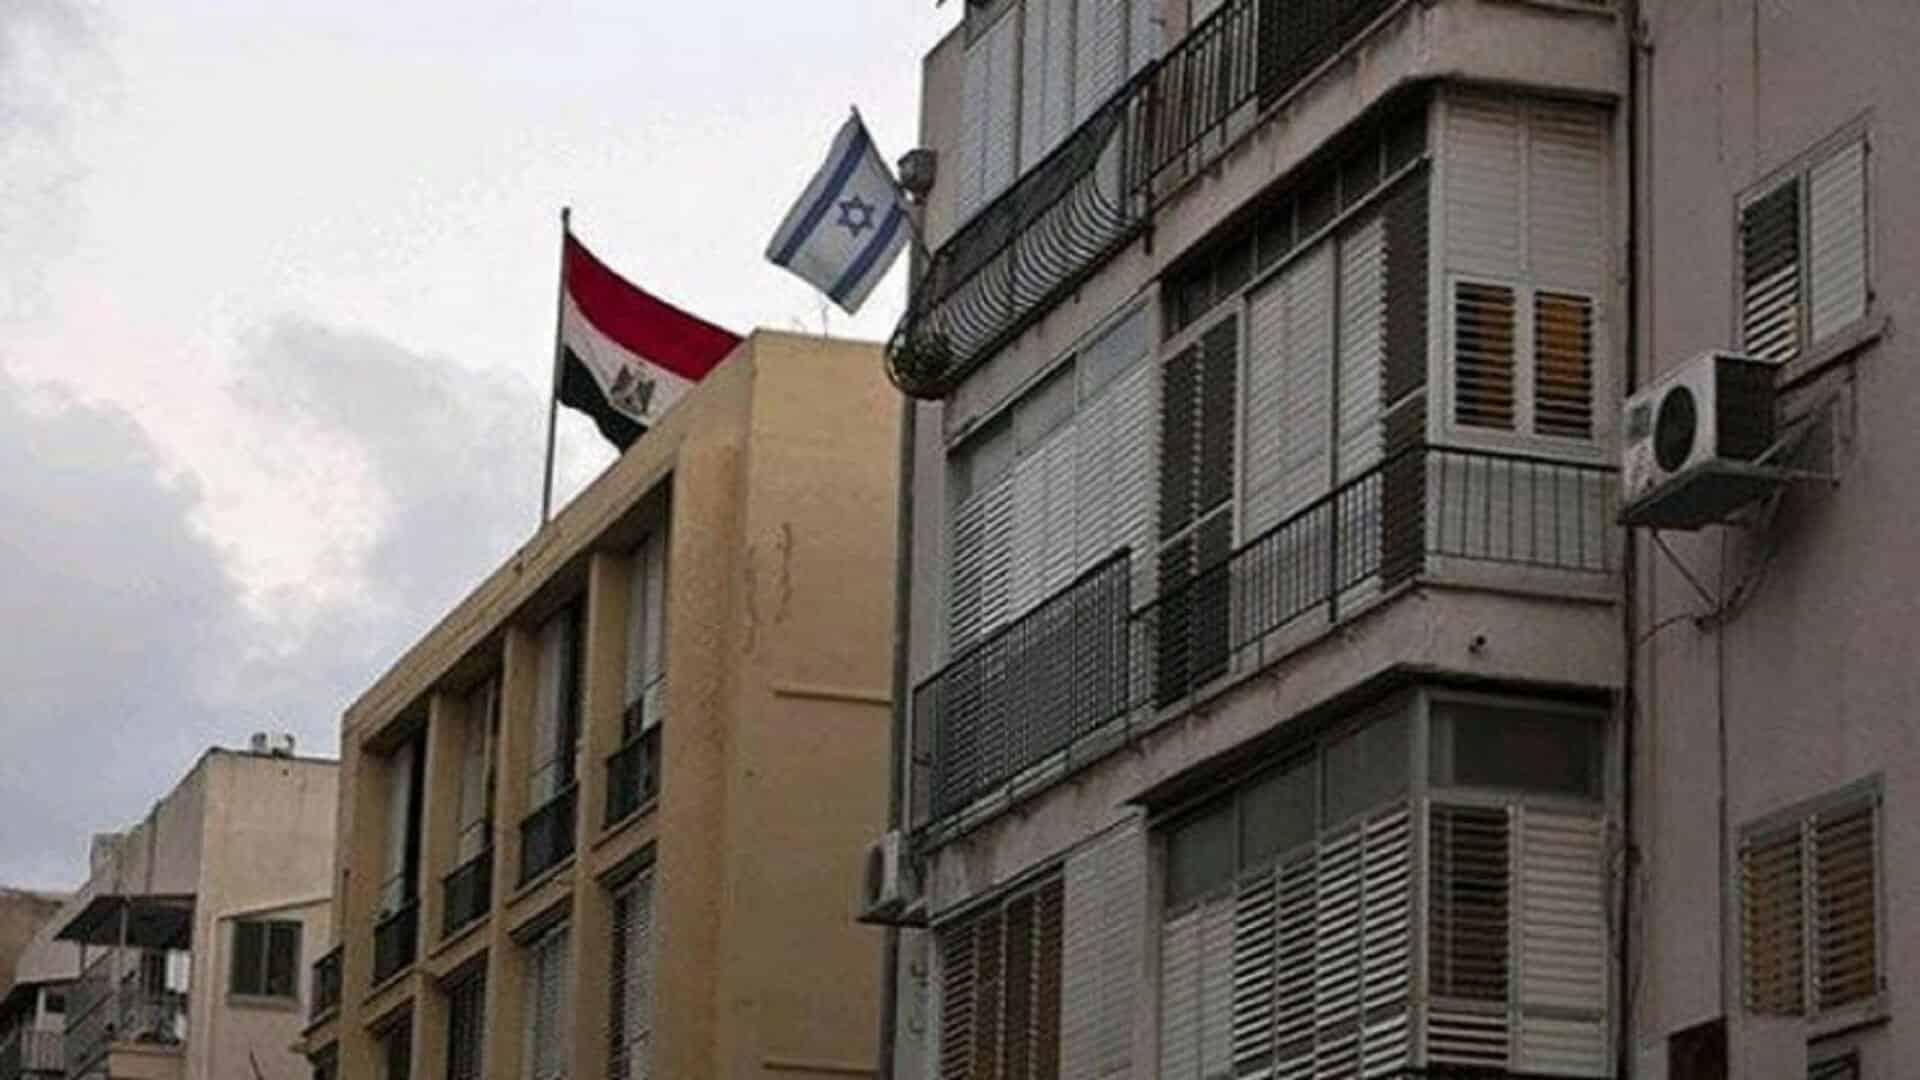 بلا خجل .. سفيرا السعودية والبحرين احتفلا بالذكرى الـ70 لاحتلال فلسطين في سفارة إسرائيل بالقاهرة